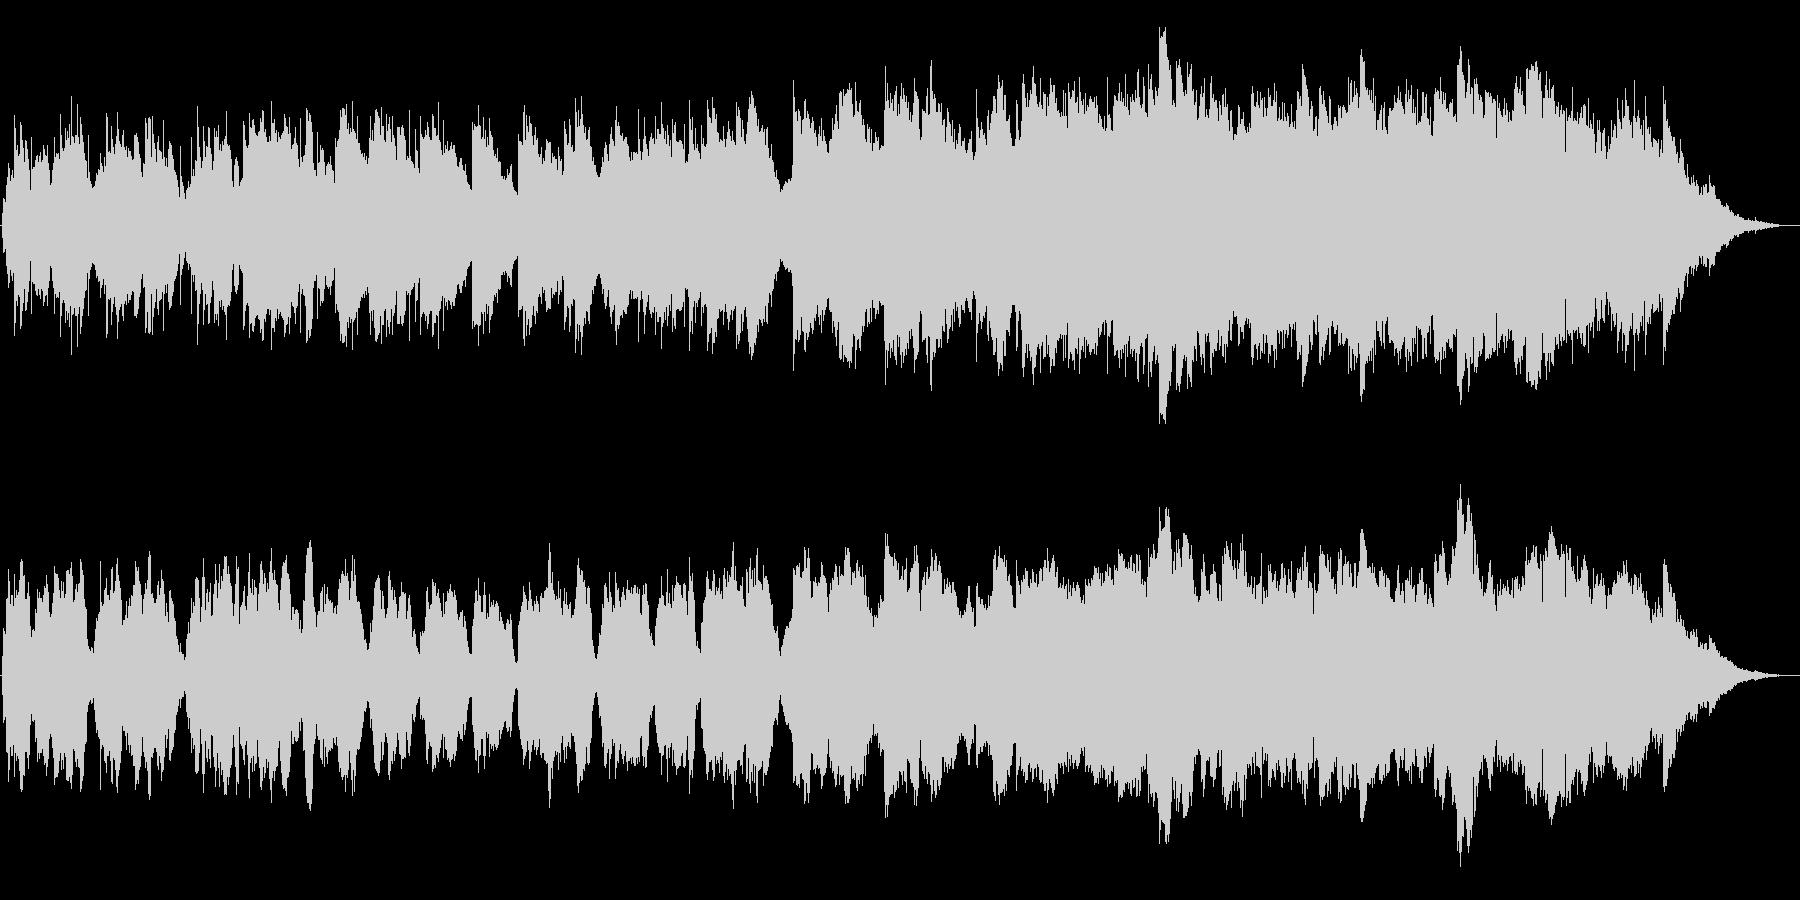 チェロ&オーボエのほのぼのしたBGMの未再生の波形